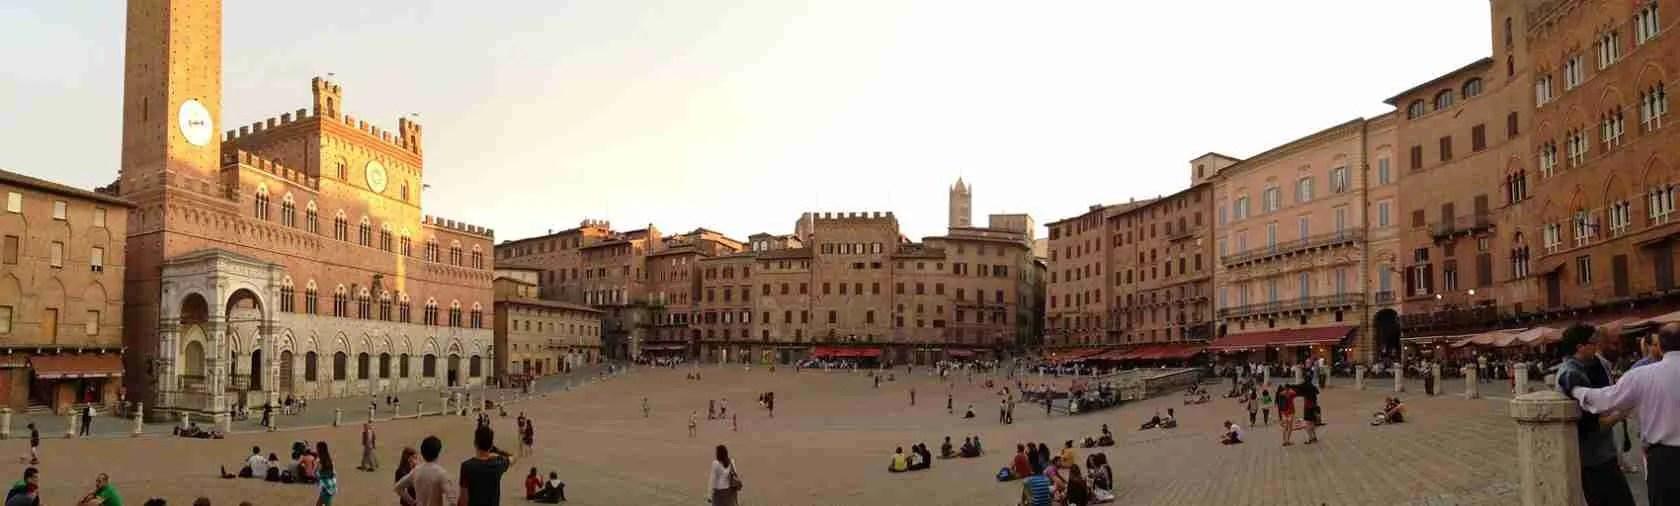 Piazza del Campo a Siena è la meta ideale per una passeggiata con una escort Siena. Magica Escort